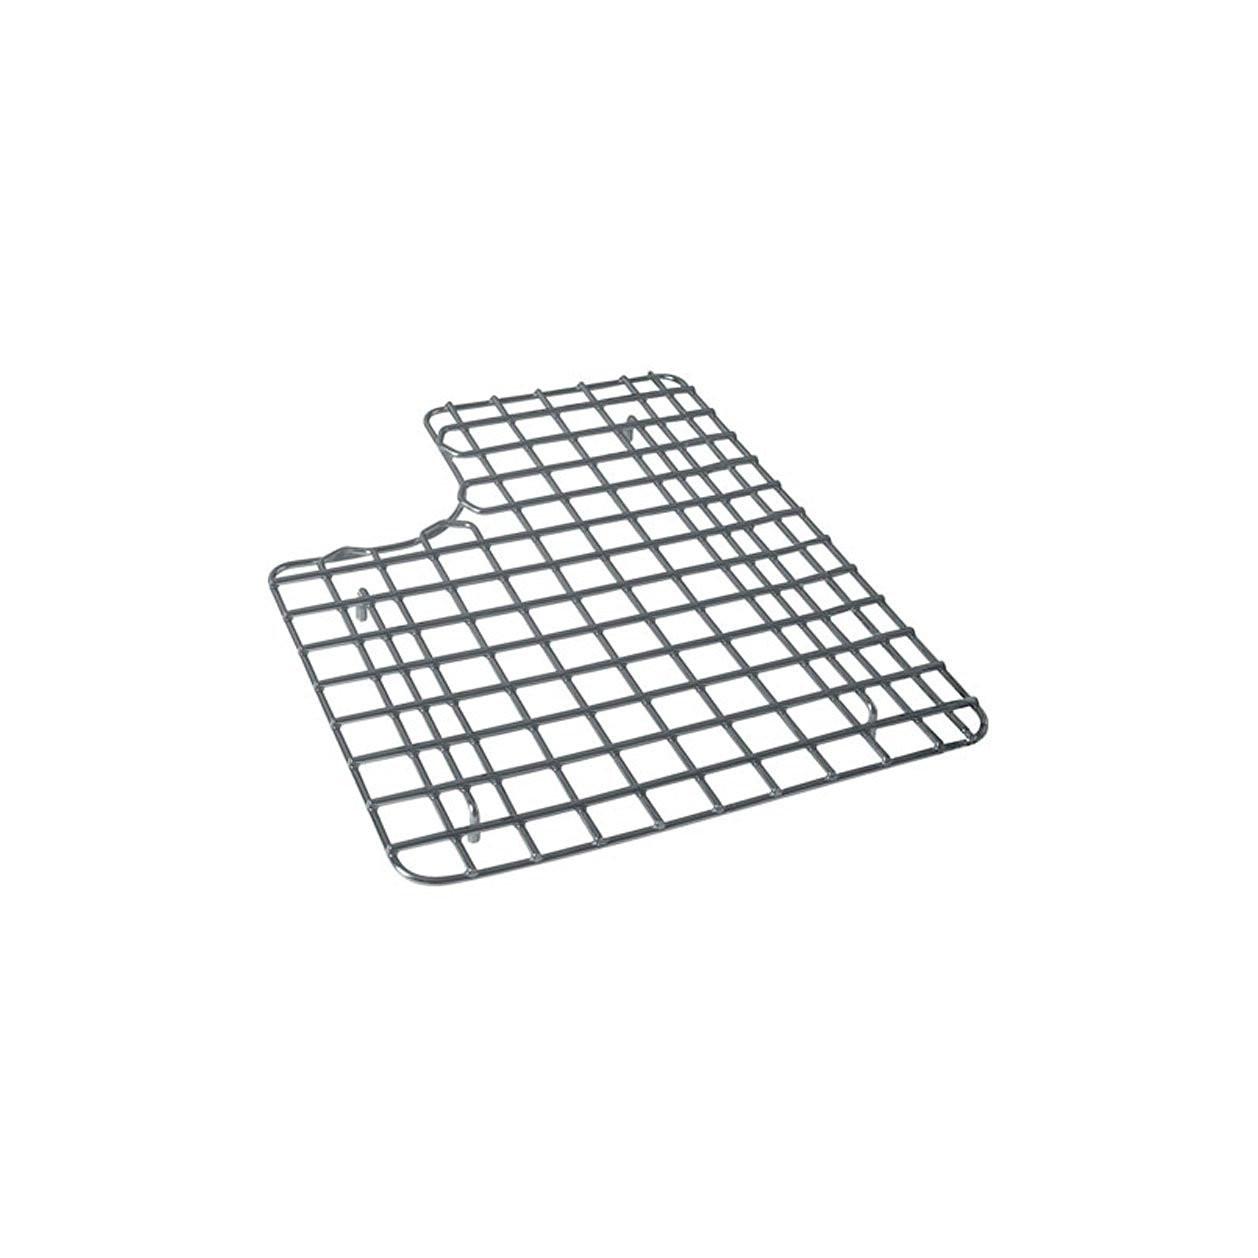 Franke MK31-36C-RH Coated Stainless Steel Right Basin Bottom Grid For MHK72031 Kitchen Sink